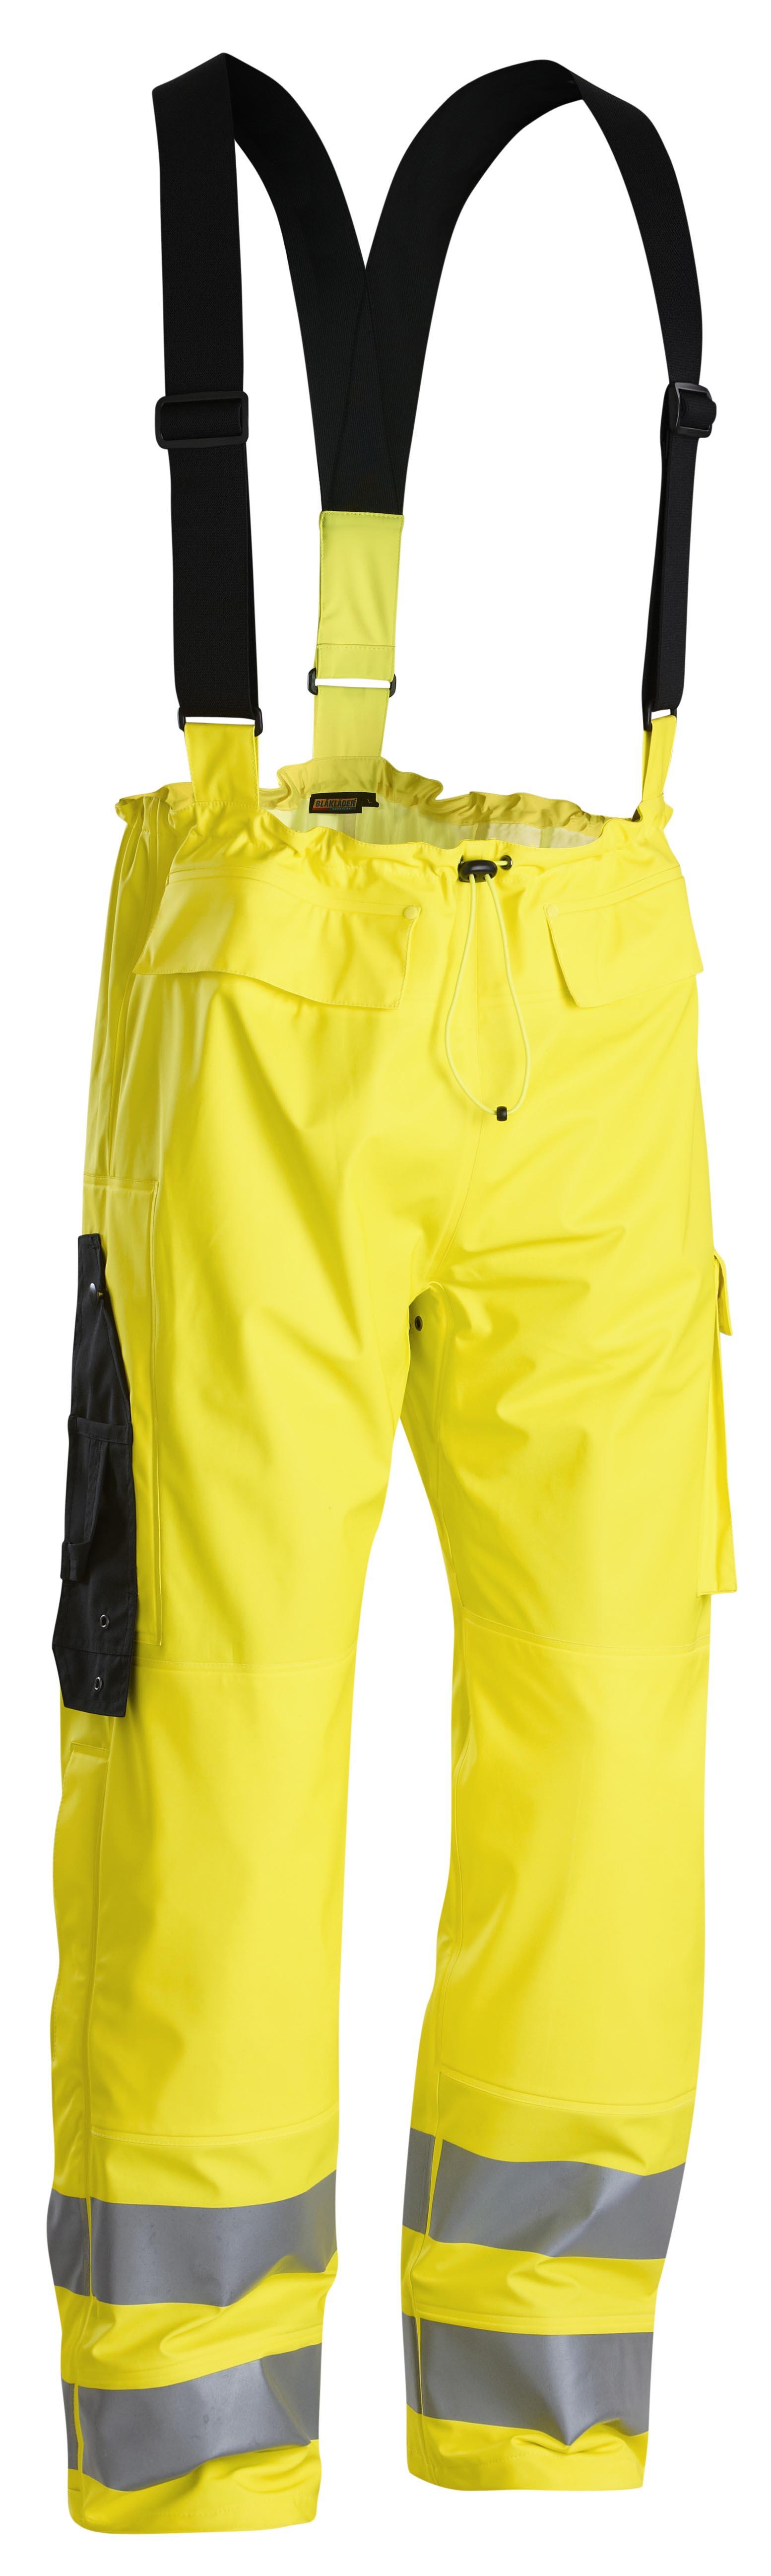 pantalon de pluie rf jaune pantalon de travail v tements de pluie v tements de travail. Black Bedroom Furniture Sets. Home Design Ideas